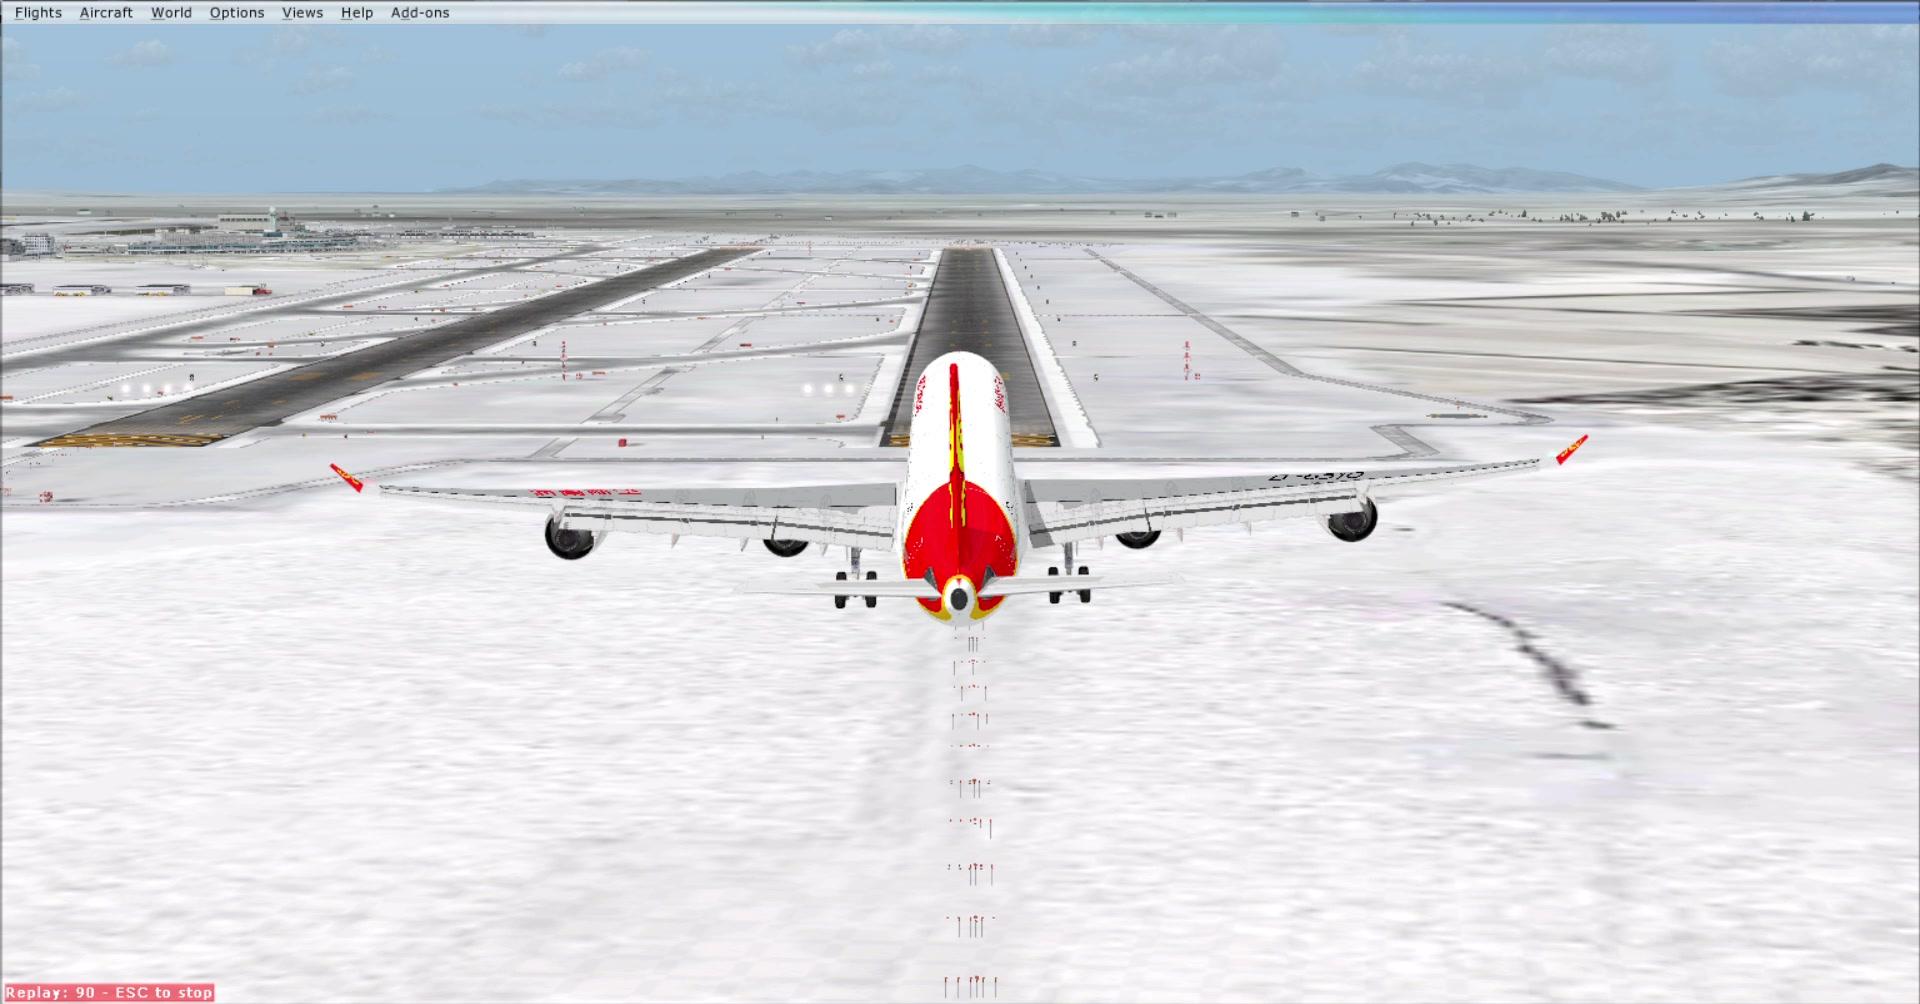 FSX】2019 1 16 RJCC A340-600_哔哩哔哩(゜-゜)つロ干杯~-bilibili